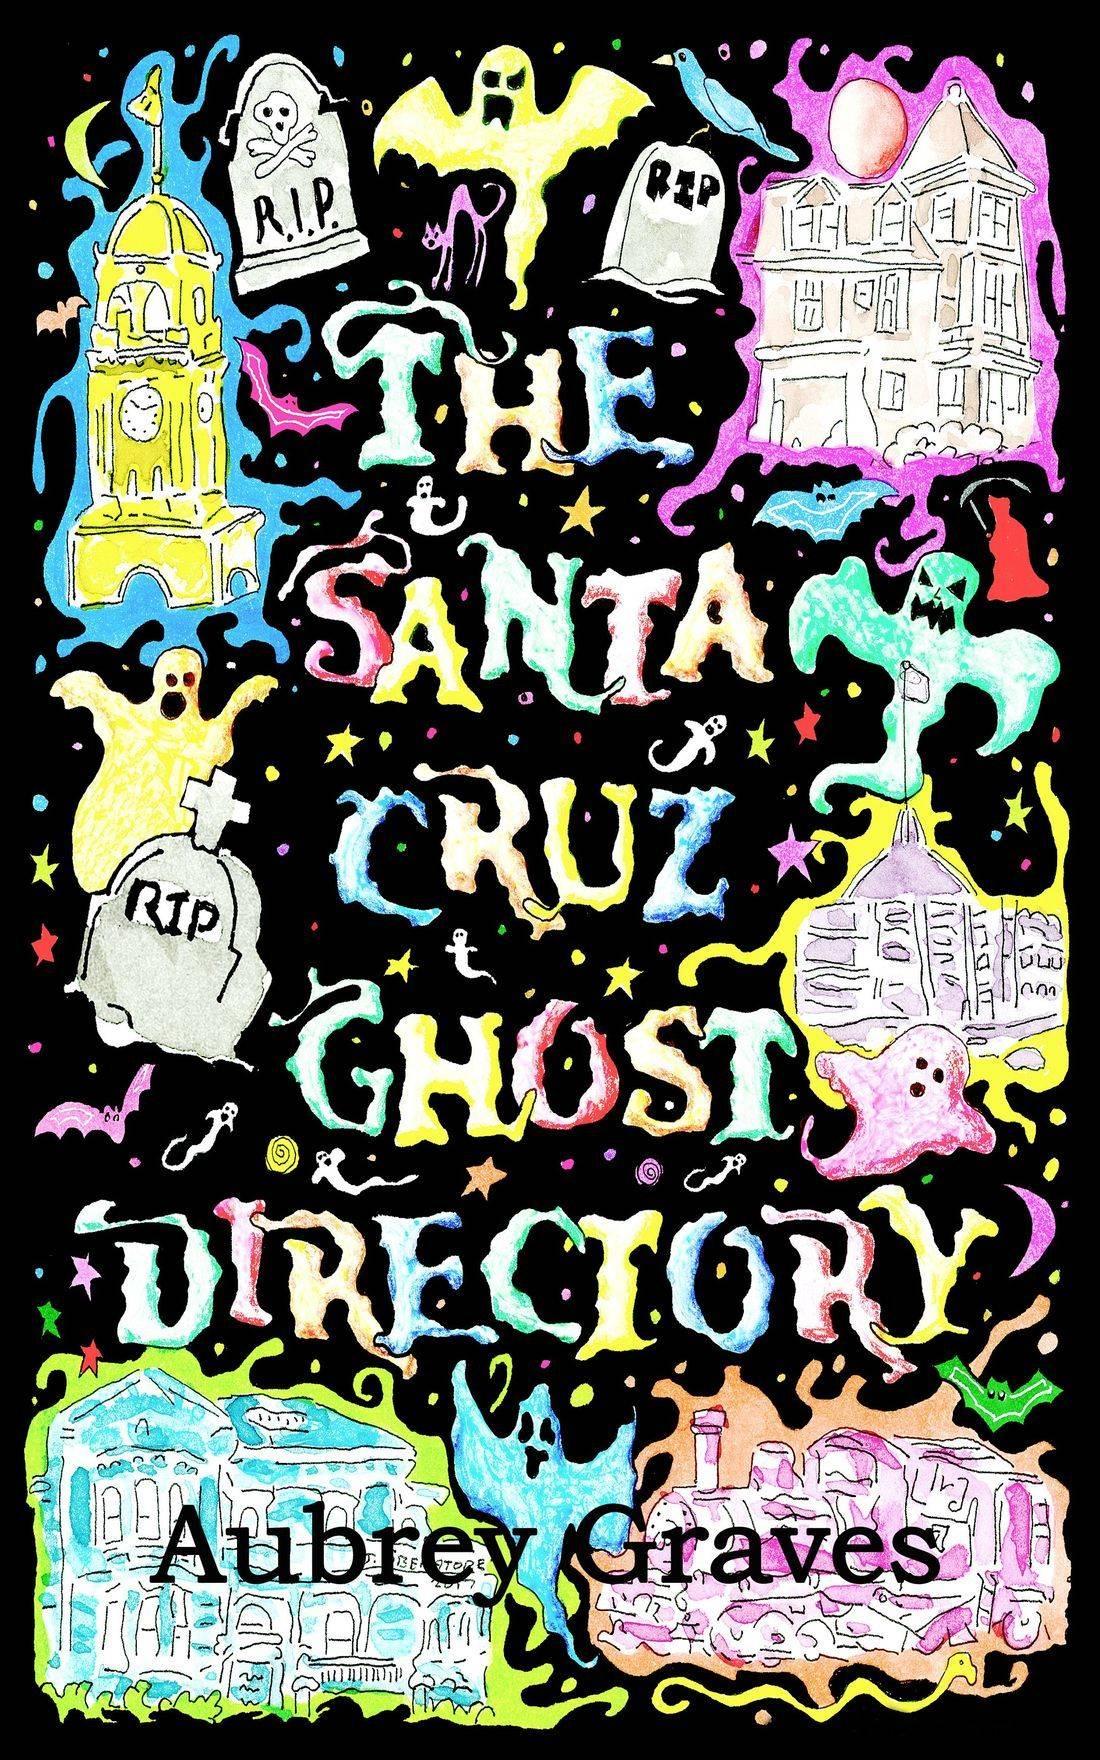 The Santa Cruz Ghost Directory, santa cruz haunted, ghosts santa cruz